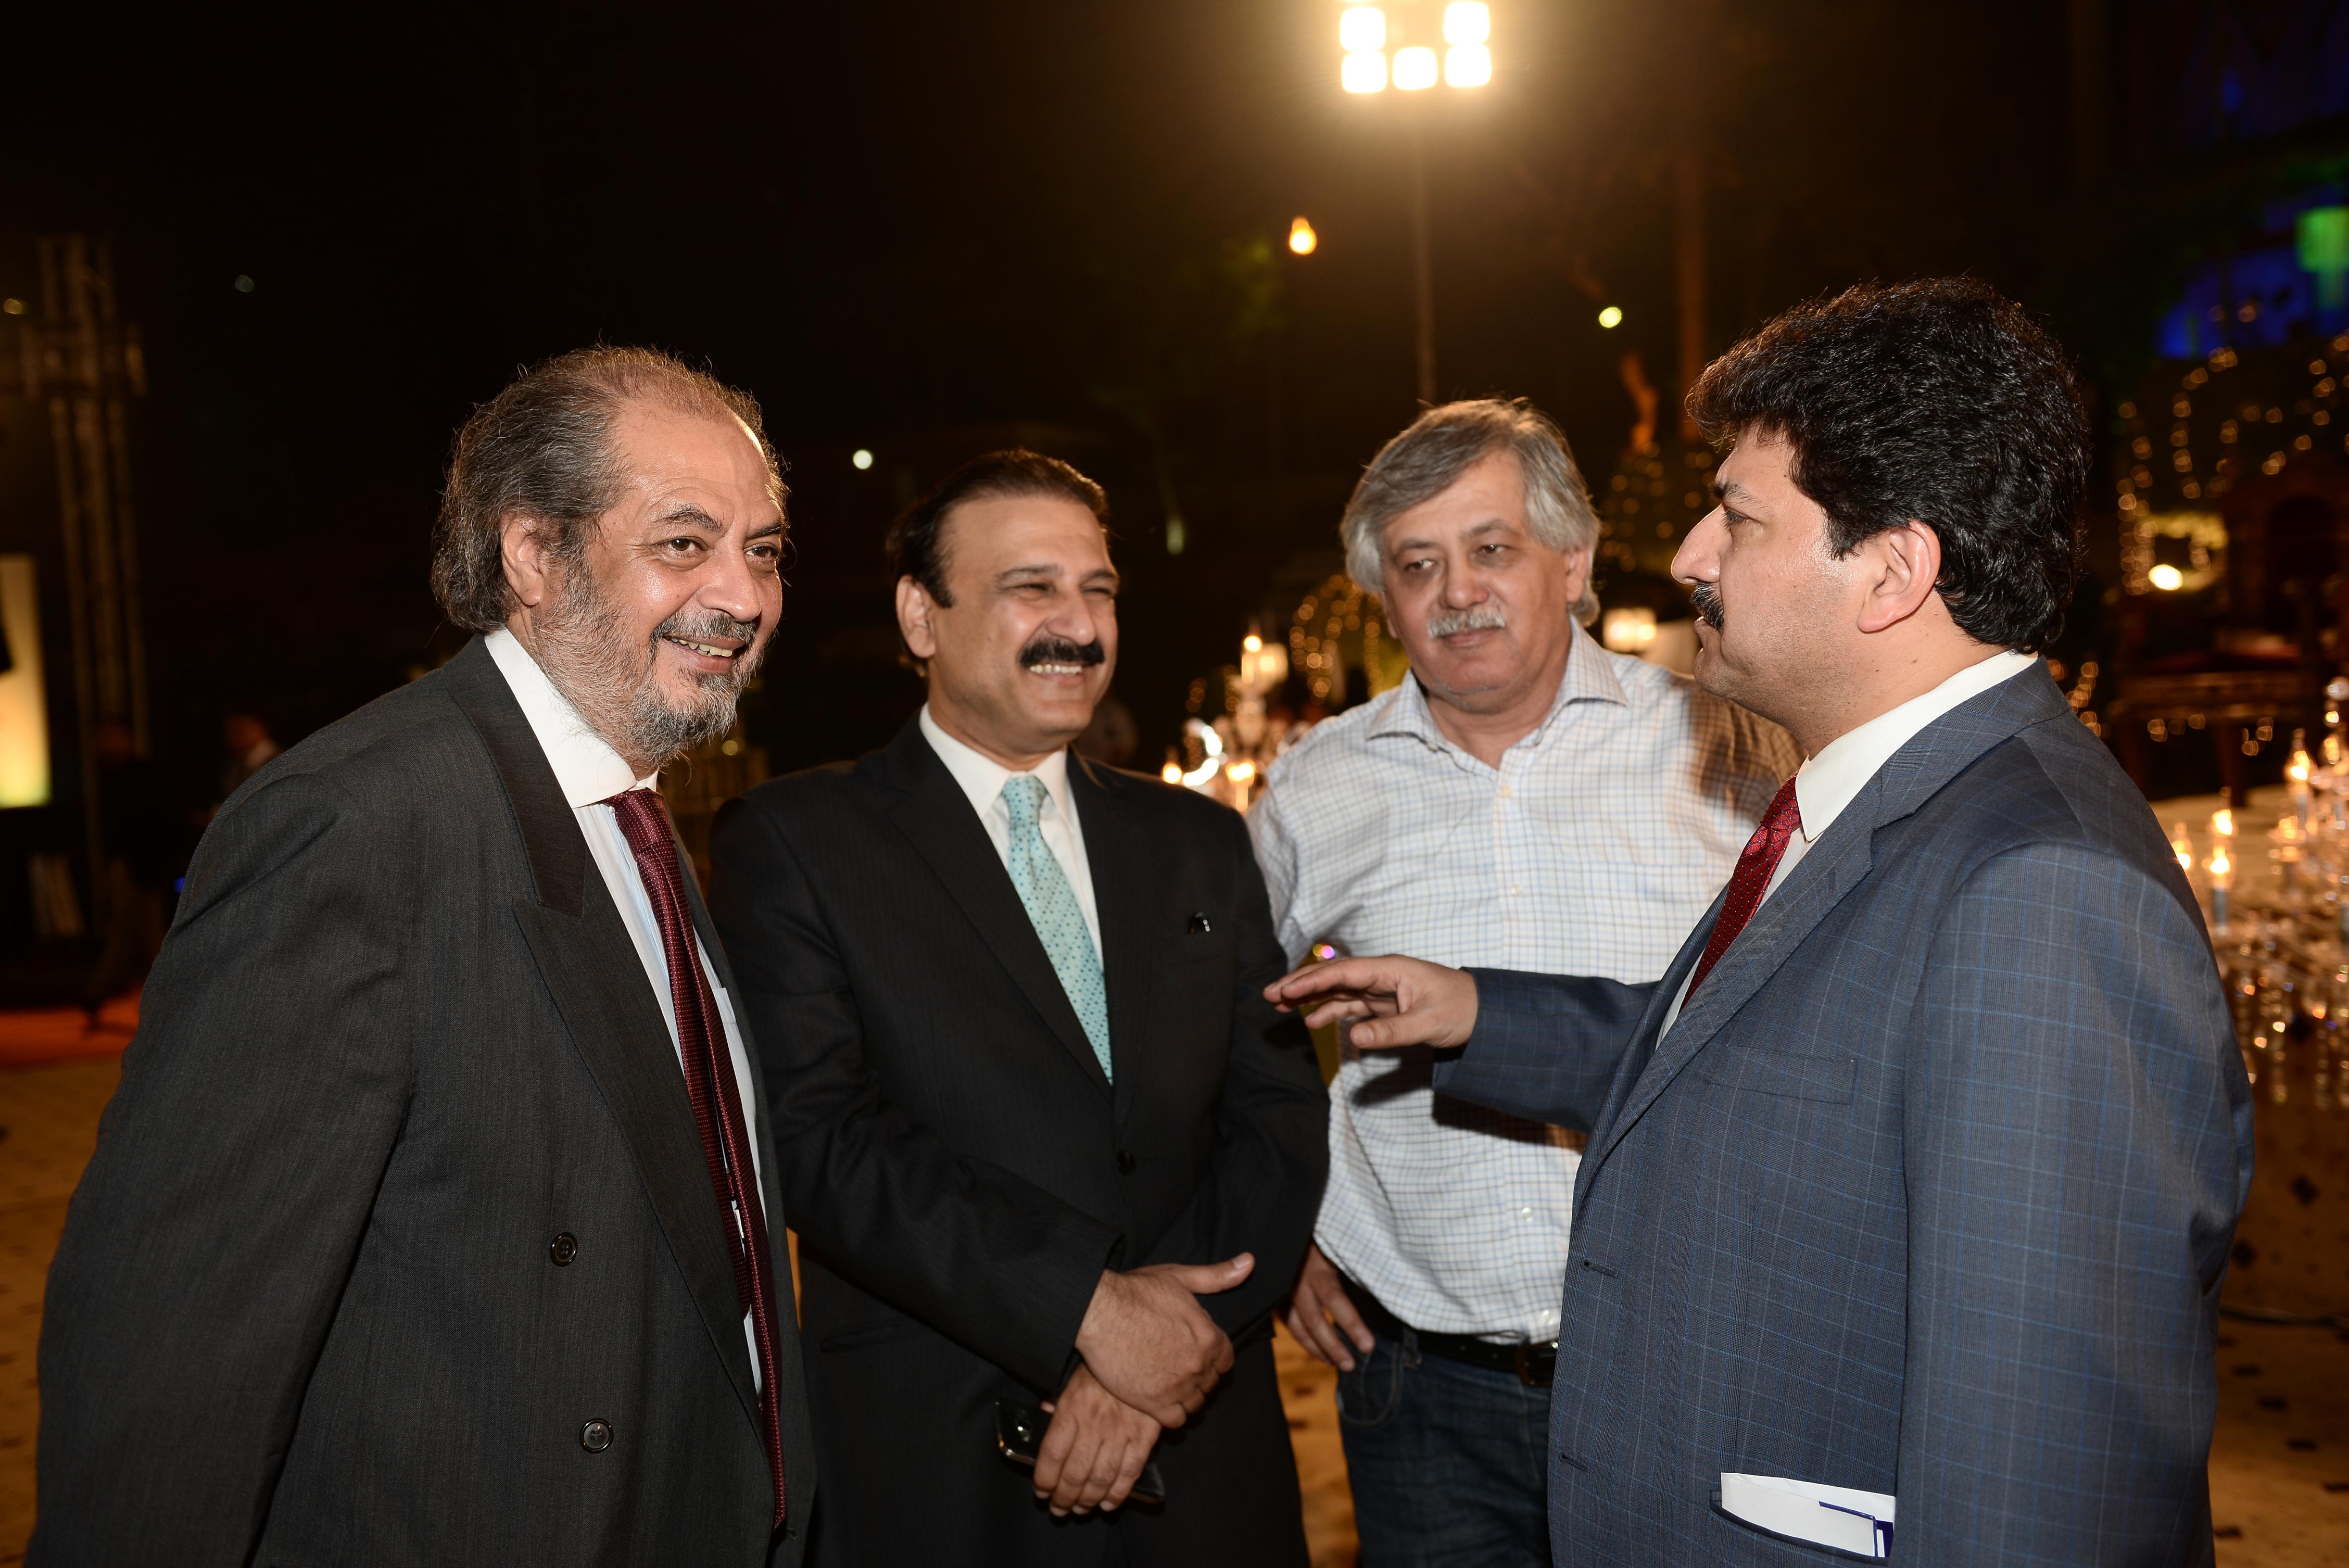 Dr. Shah, Dr. Butt & Hamid Mir